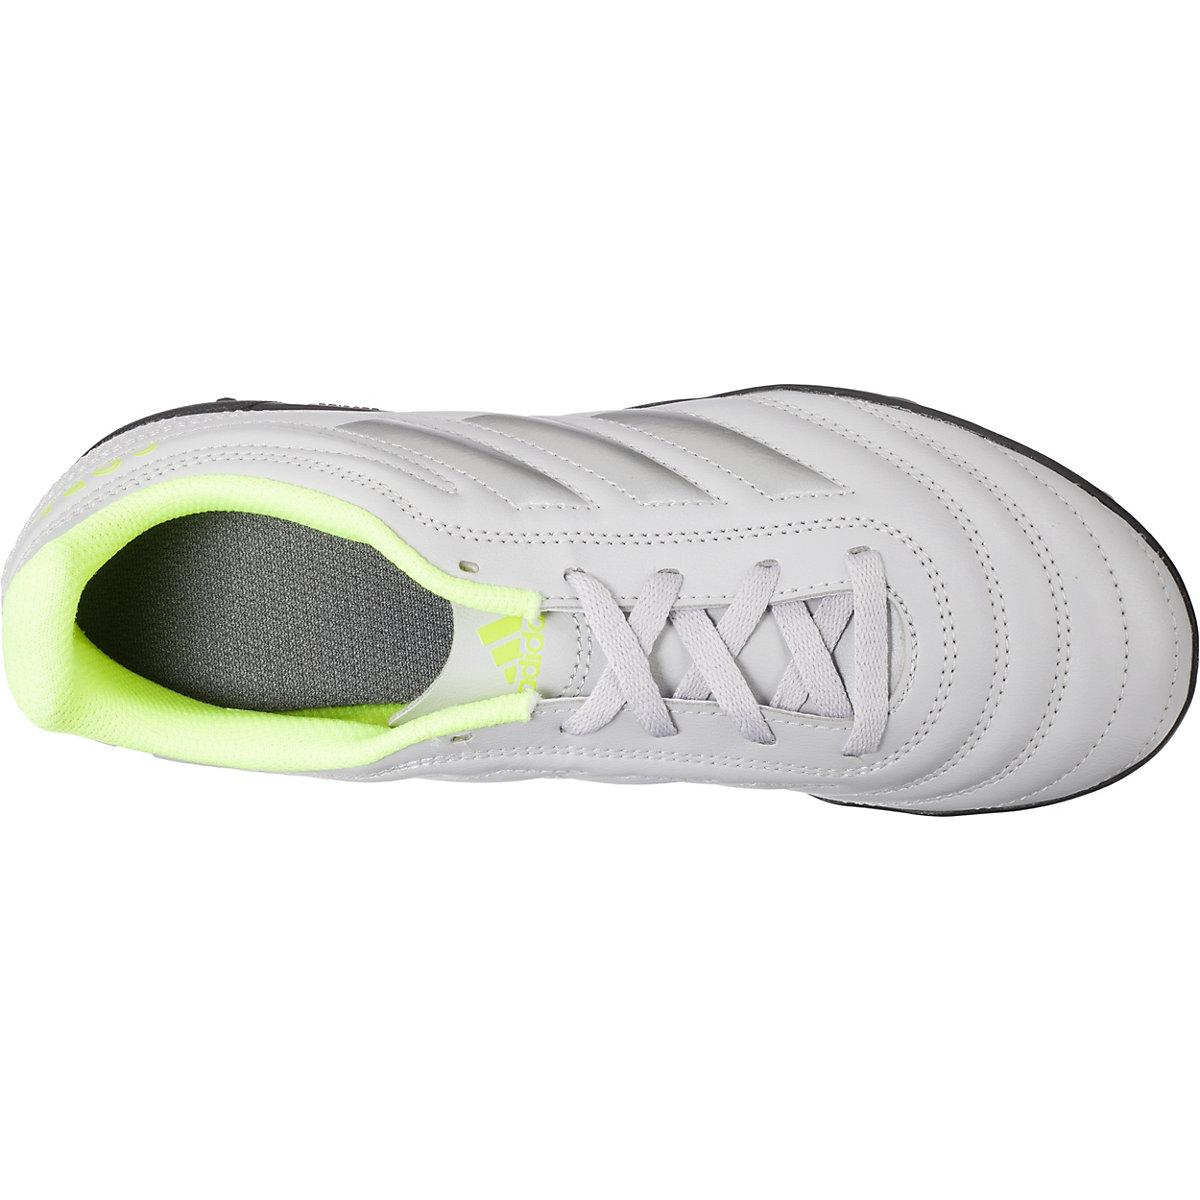 adidas Performance, Fußballschuhe COPA 20.4 FG für Jungen, grau